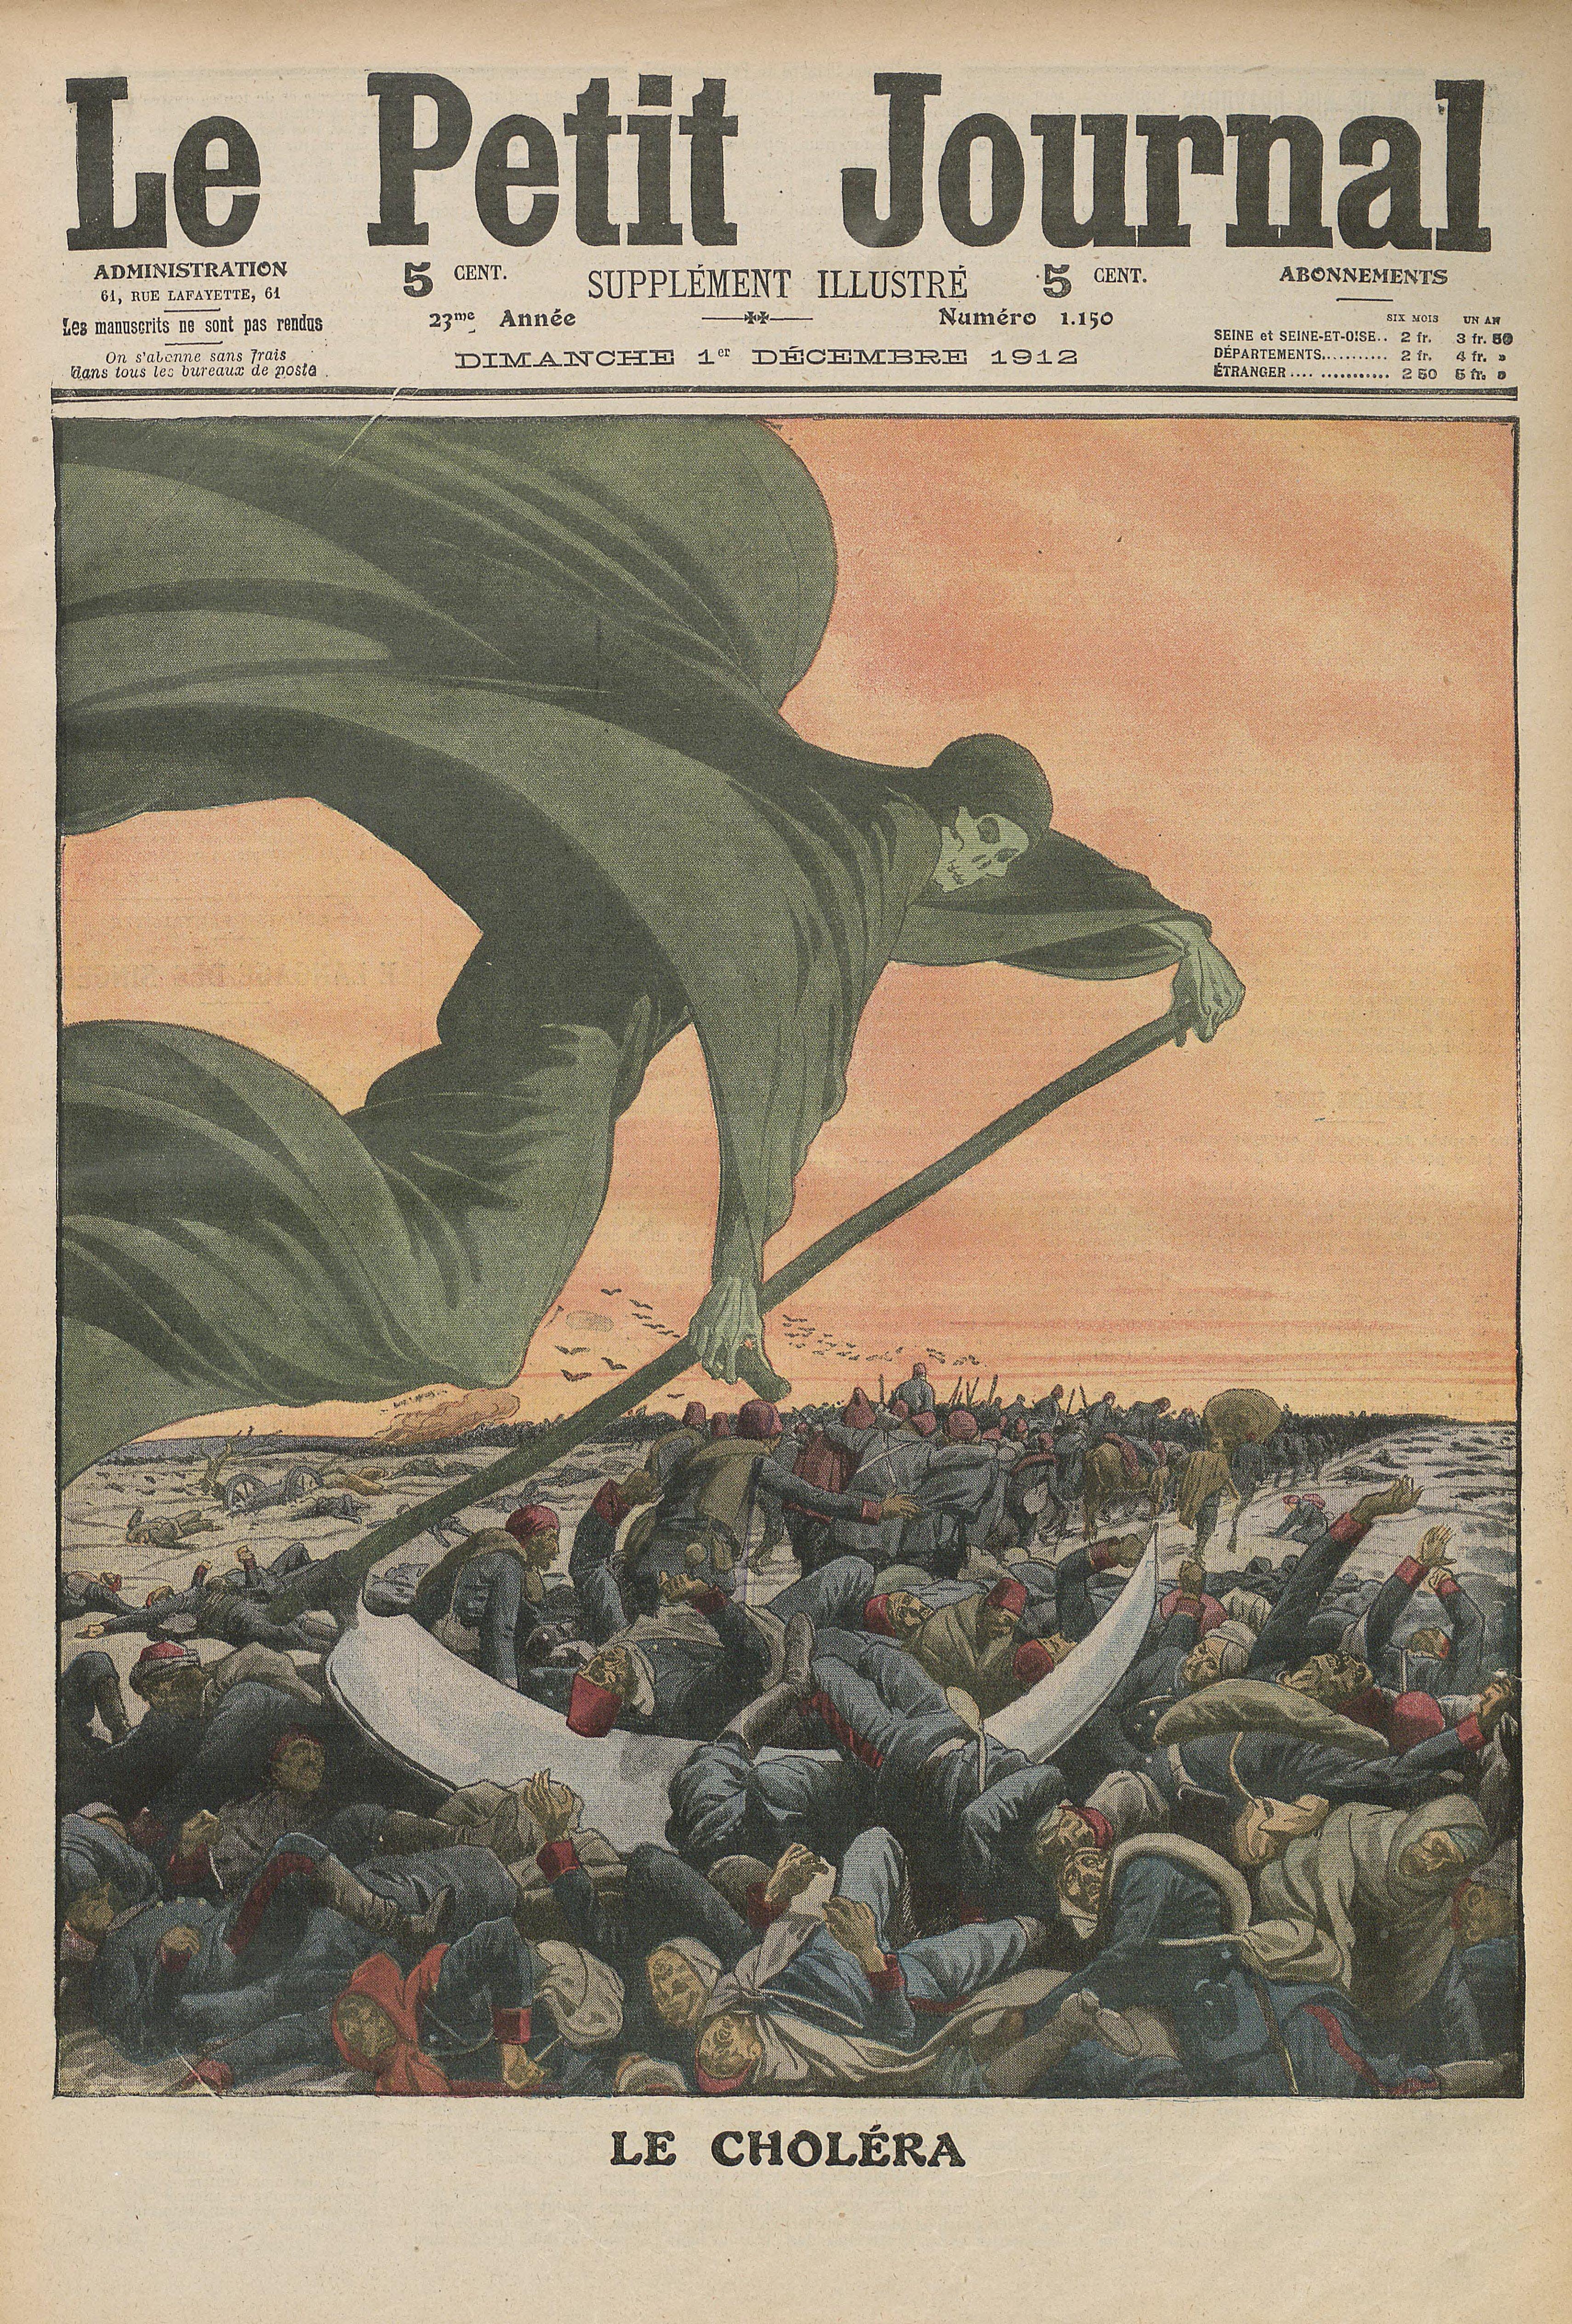 Bilden ?http://upload.wikimedia.org/wikipedia/commons/6/65/Cholera.jpg? kan inte visas, då den innehåller fel.